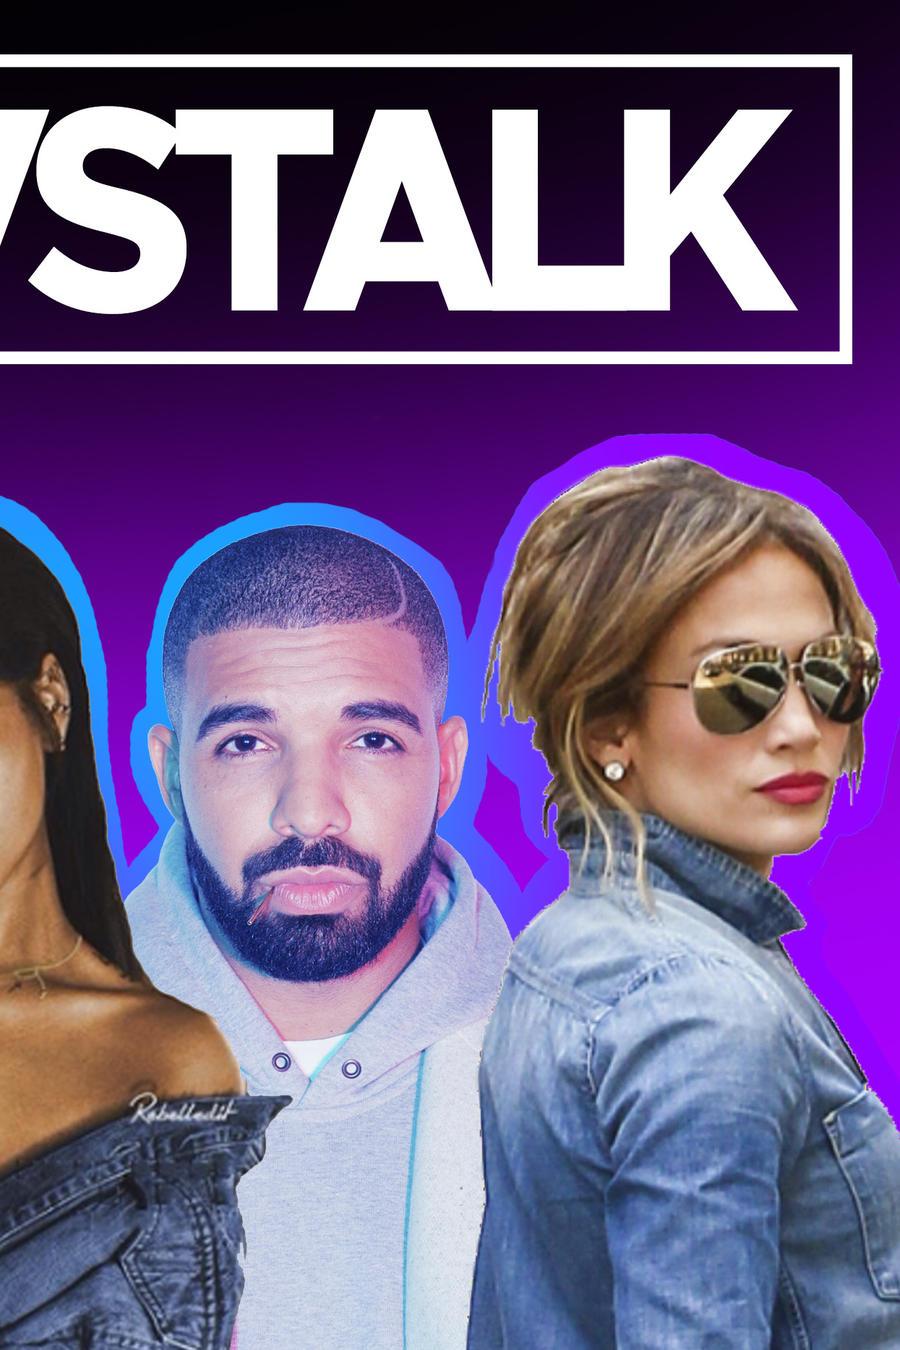 TVStalk: Sofia Vergara, JLo, Drake, Rihanna